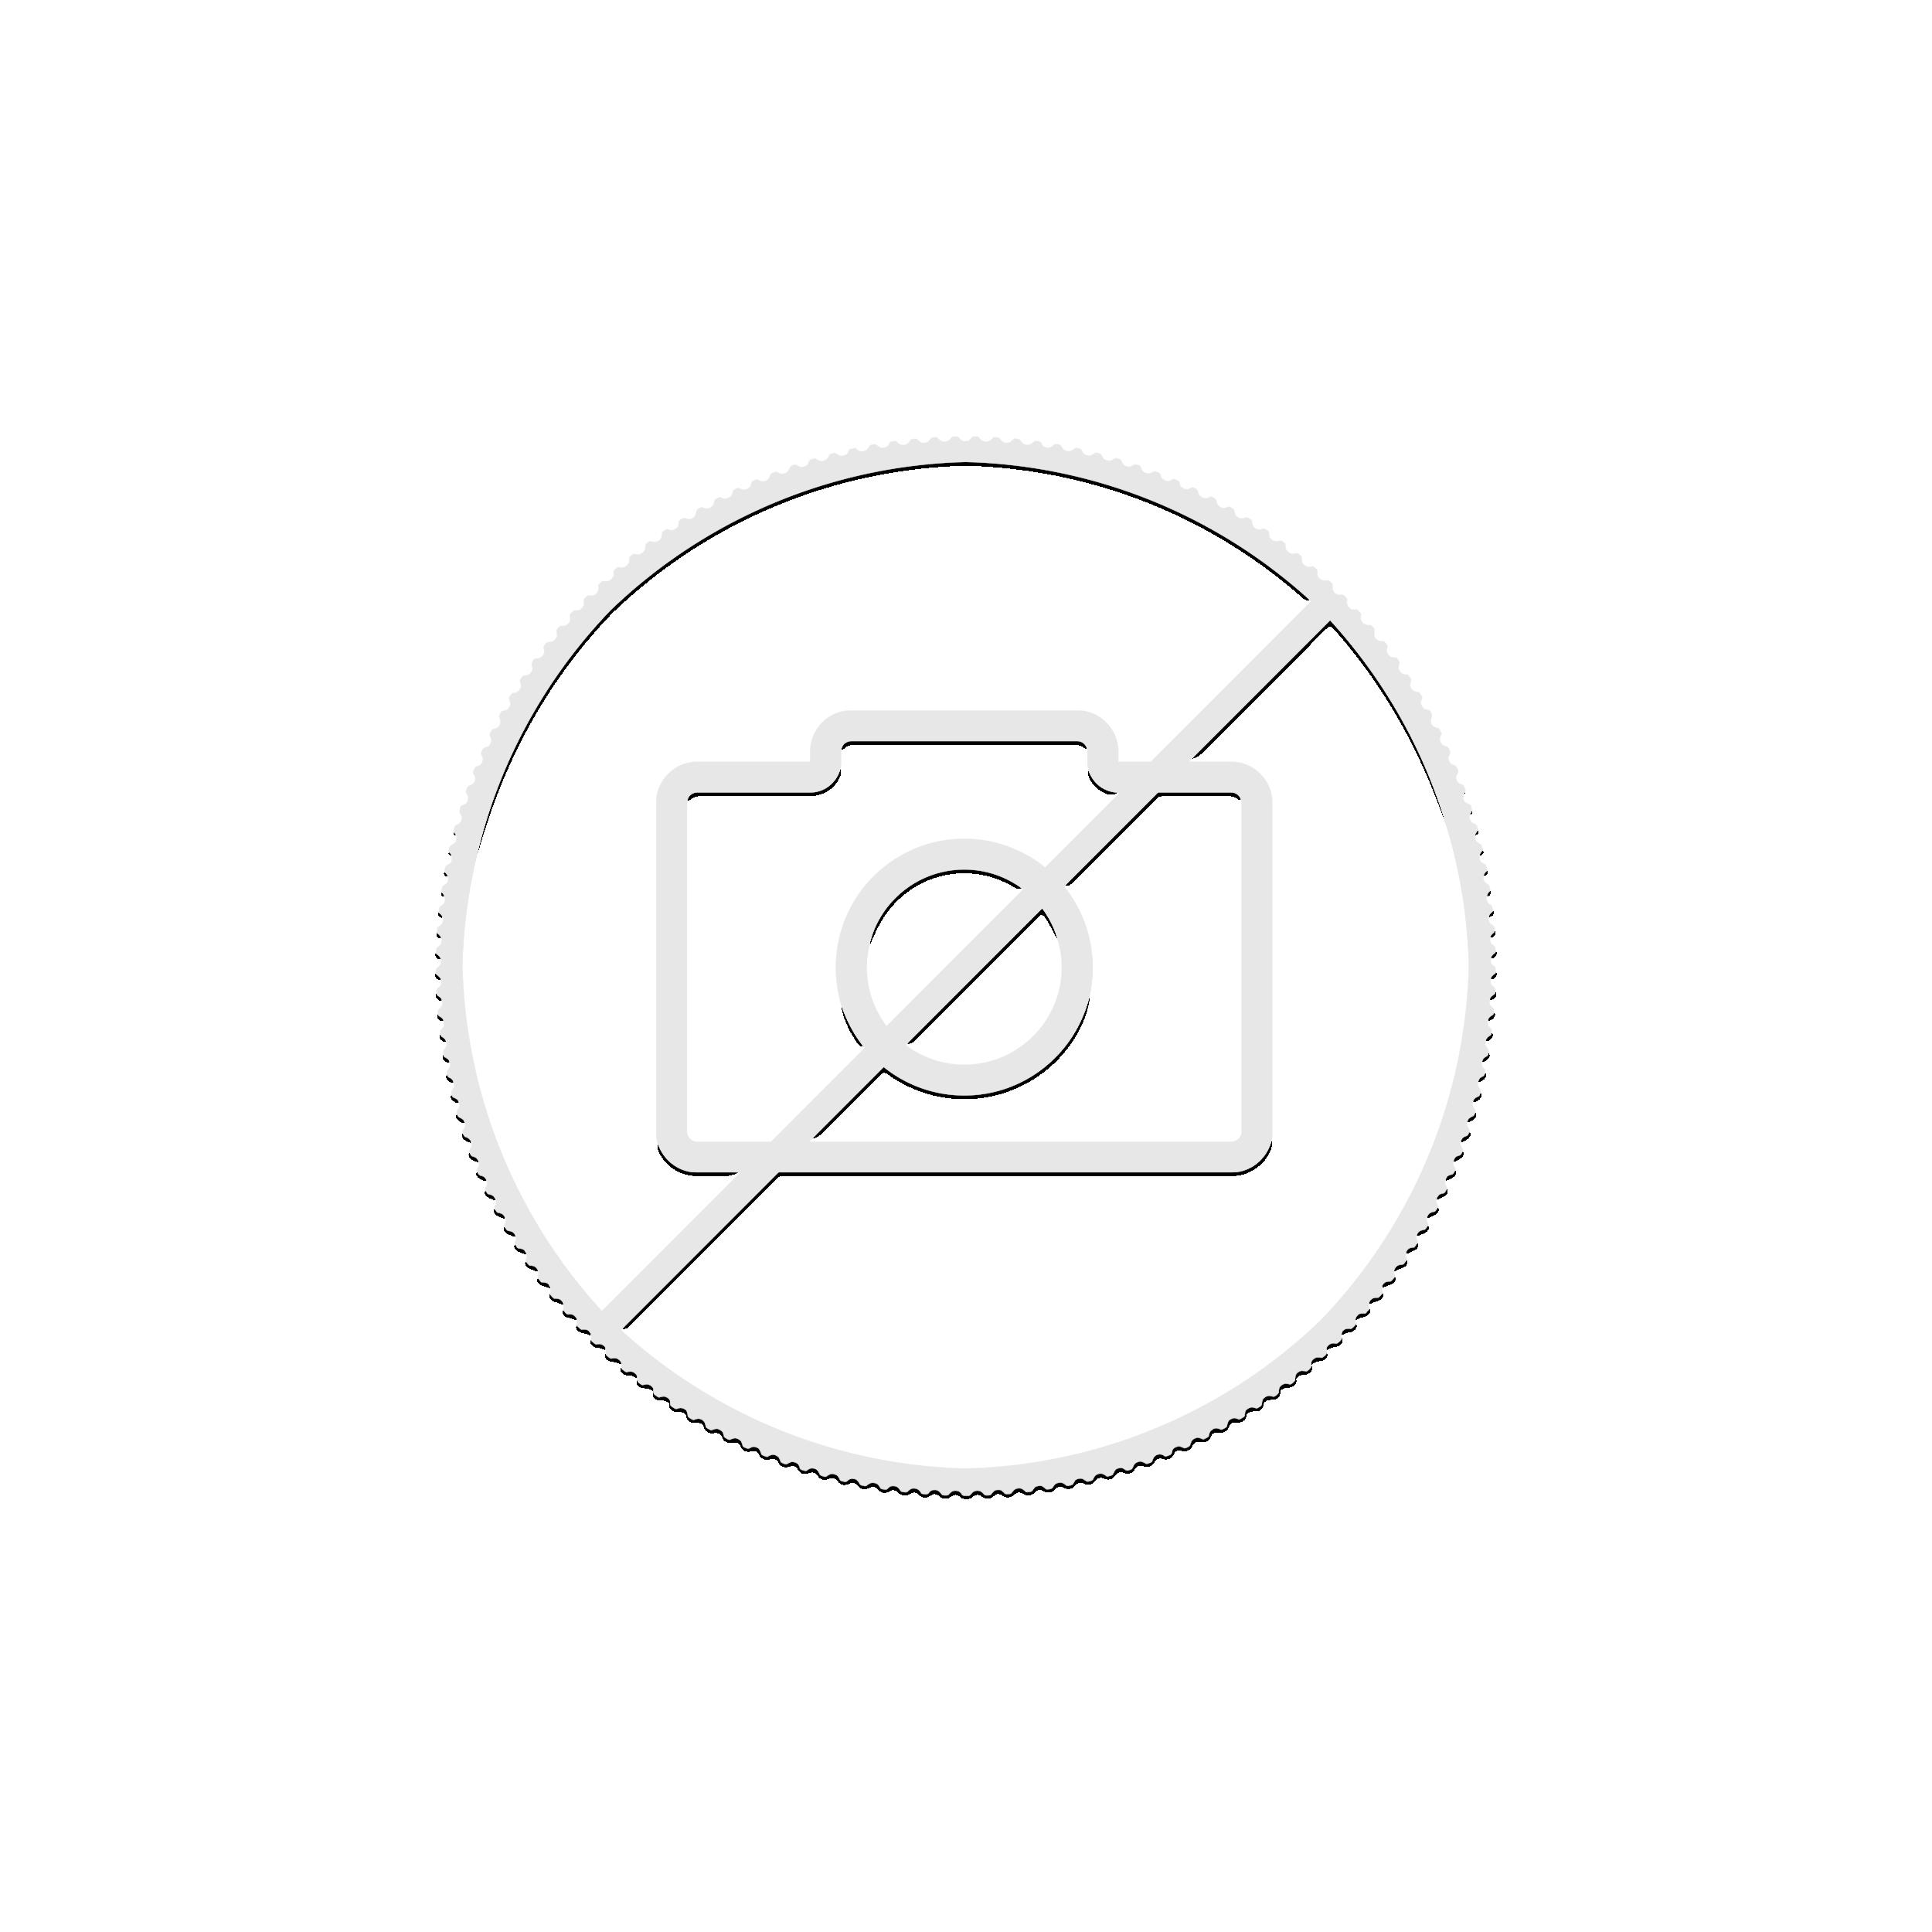 1 Troy ounce zilveren munt Pysanka Ei 2021 Proof